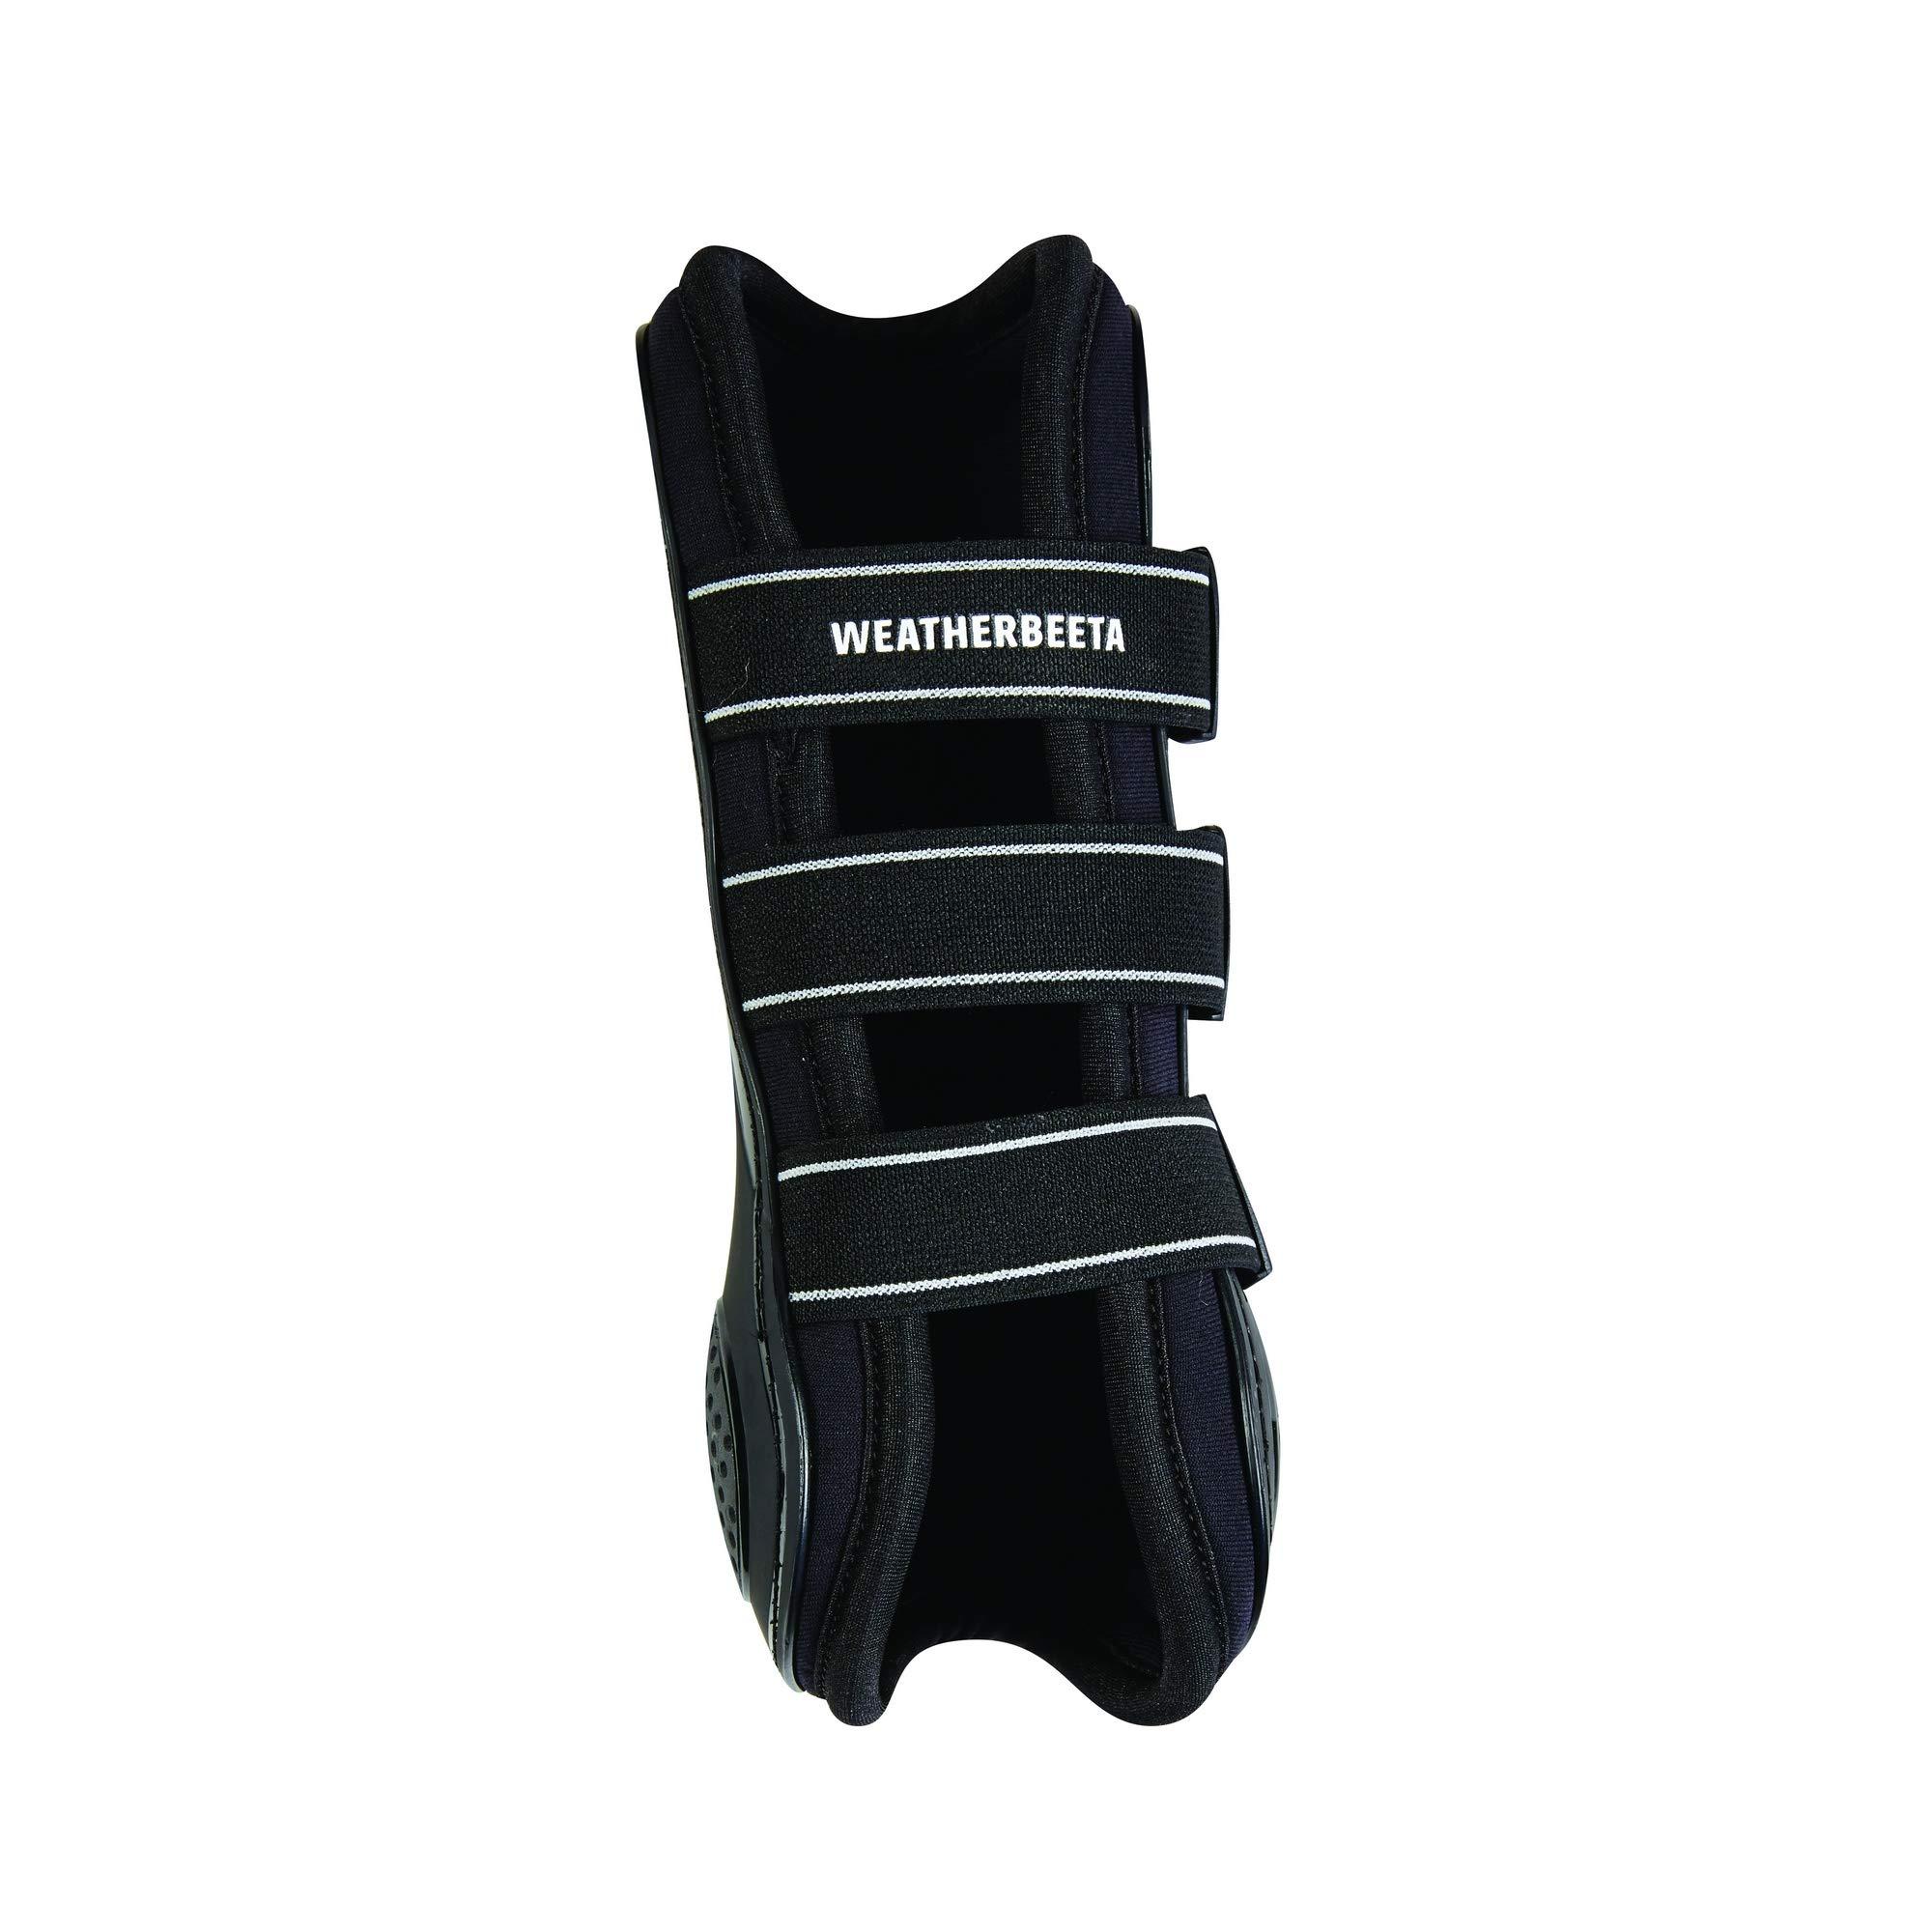 Weatherbeeta Pro Air Open Front Boots (Cob) (Black)